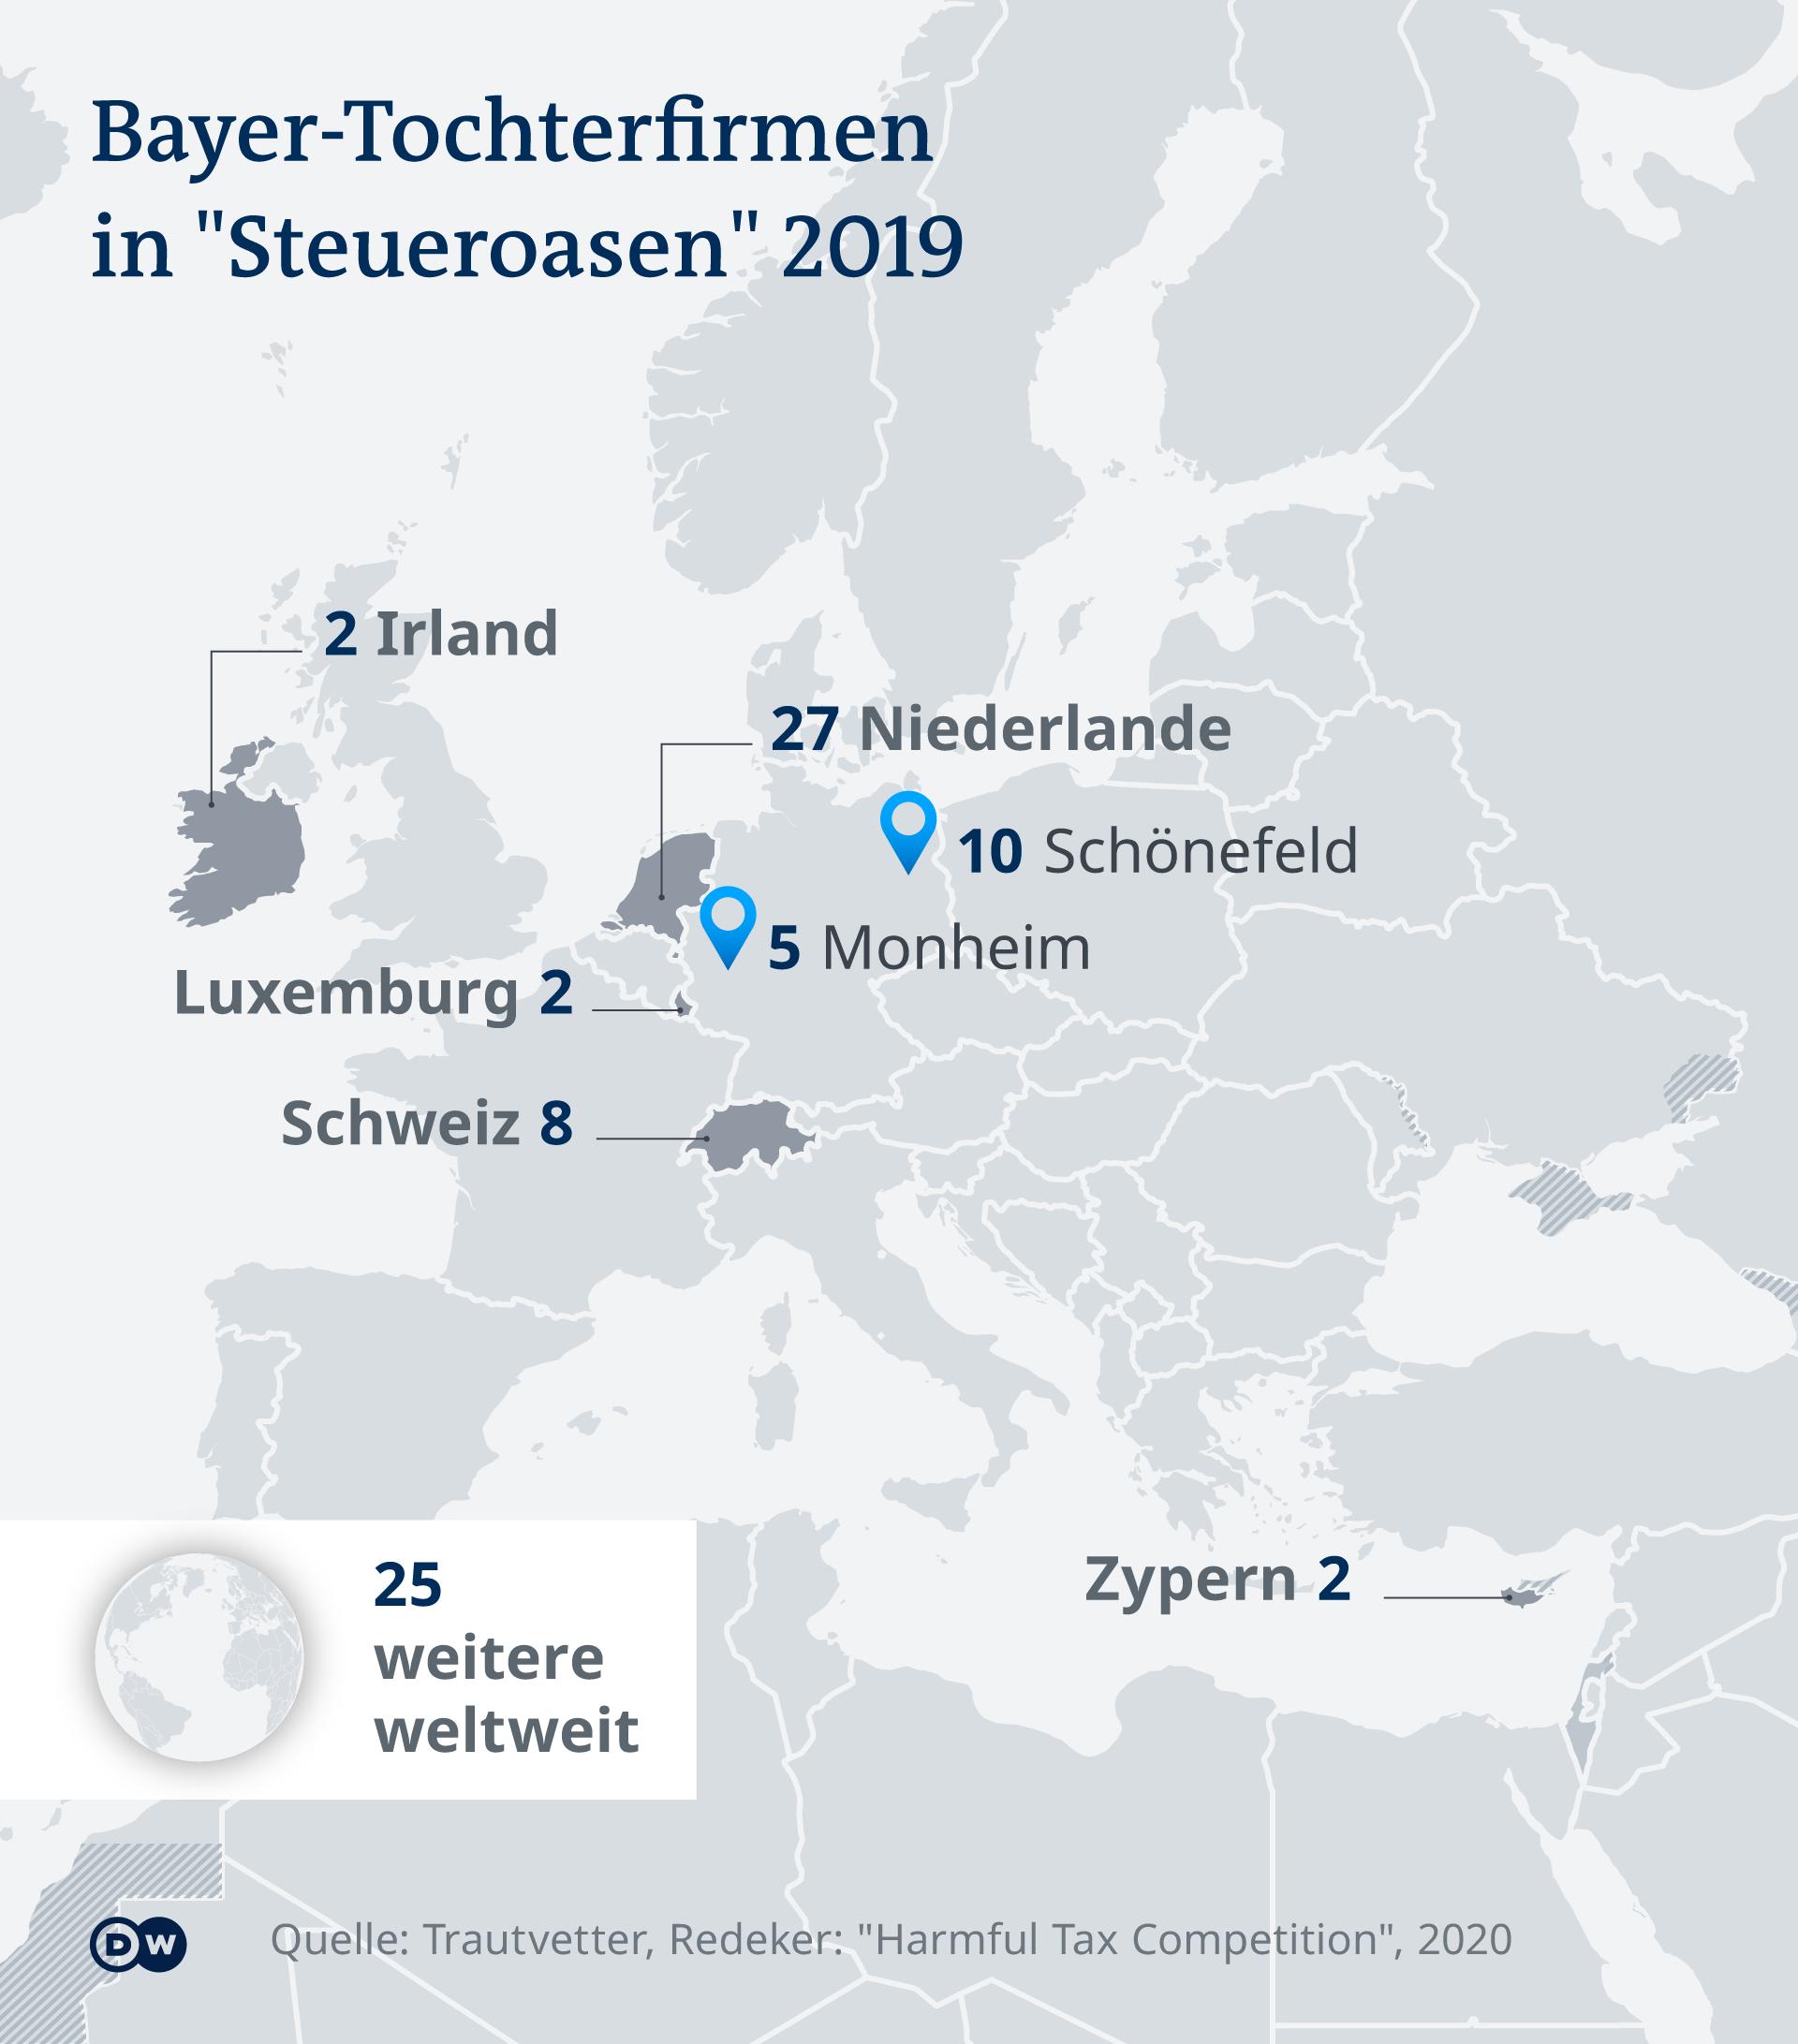 Bayer Tochterfirmen in Steueroasen DE